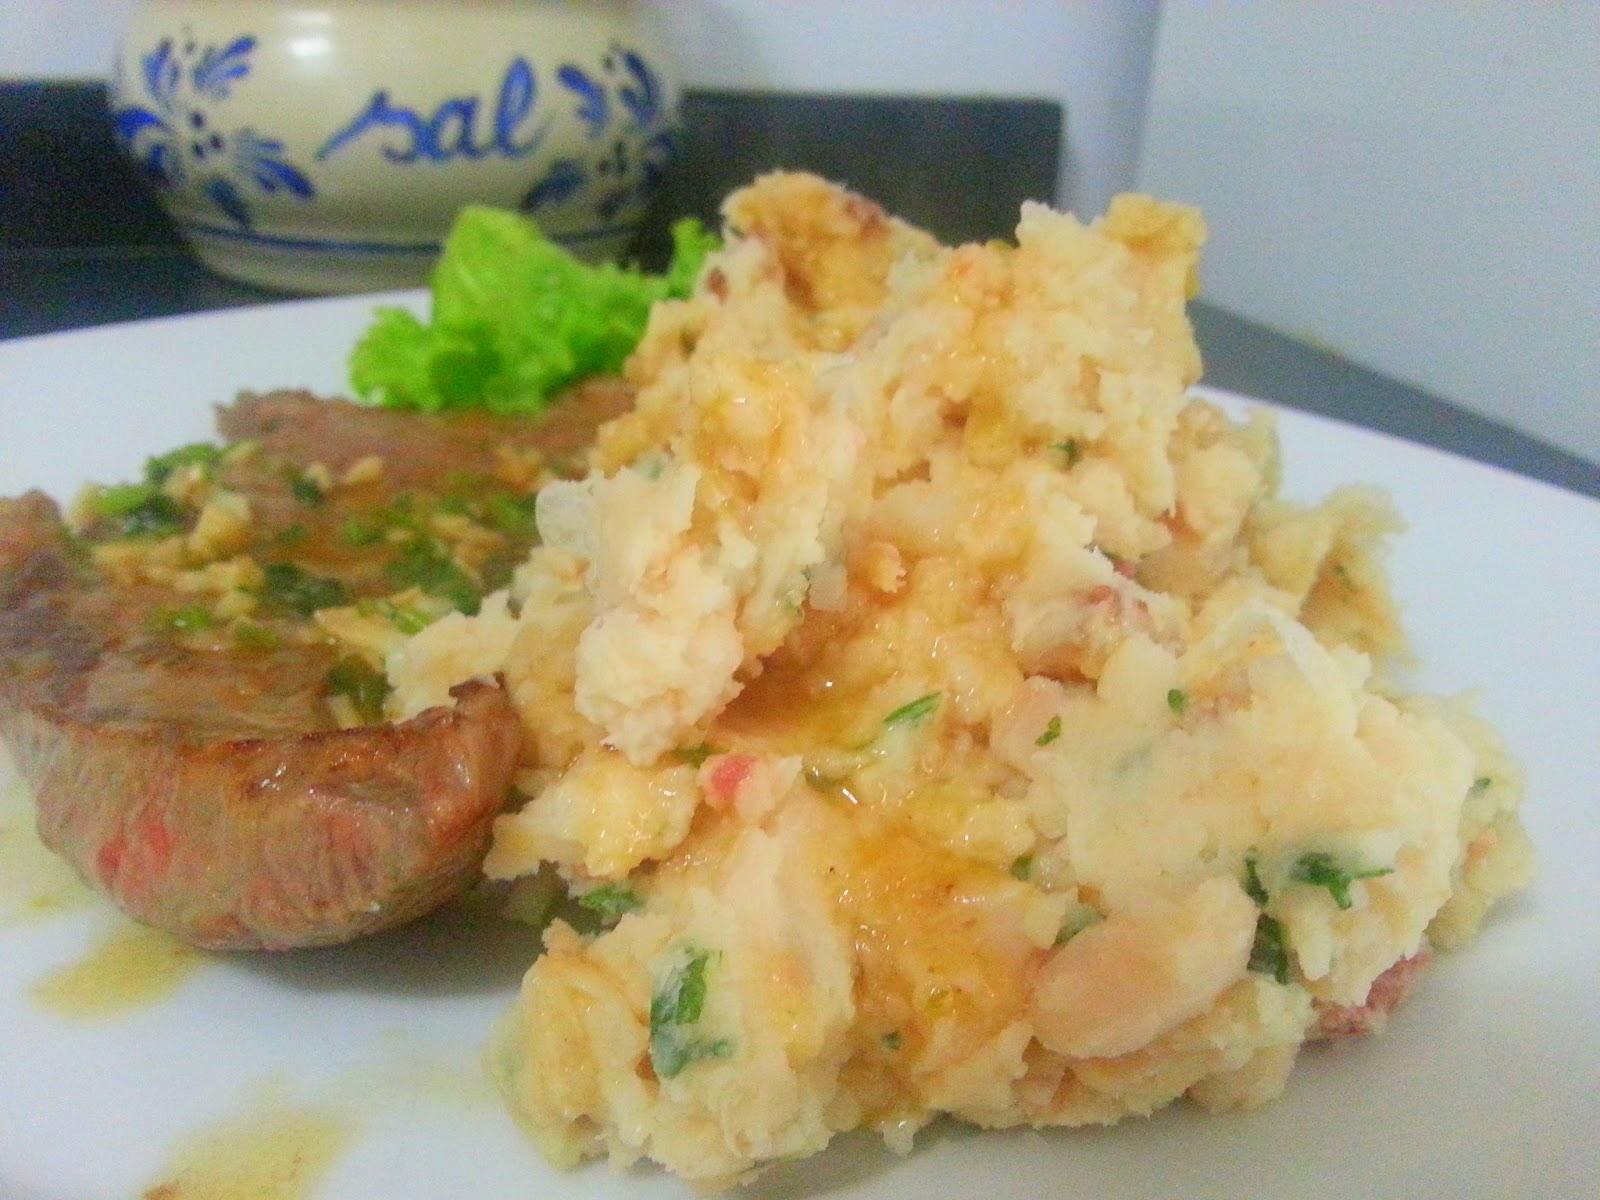 ... Frito com Puré de Feijão Branco /Fried Steak with Mashed White Beans